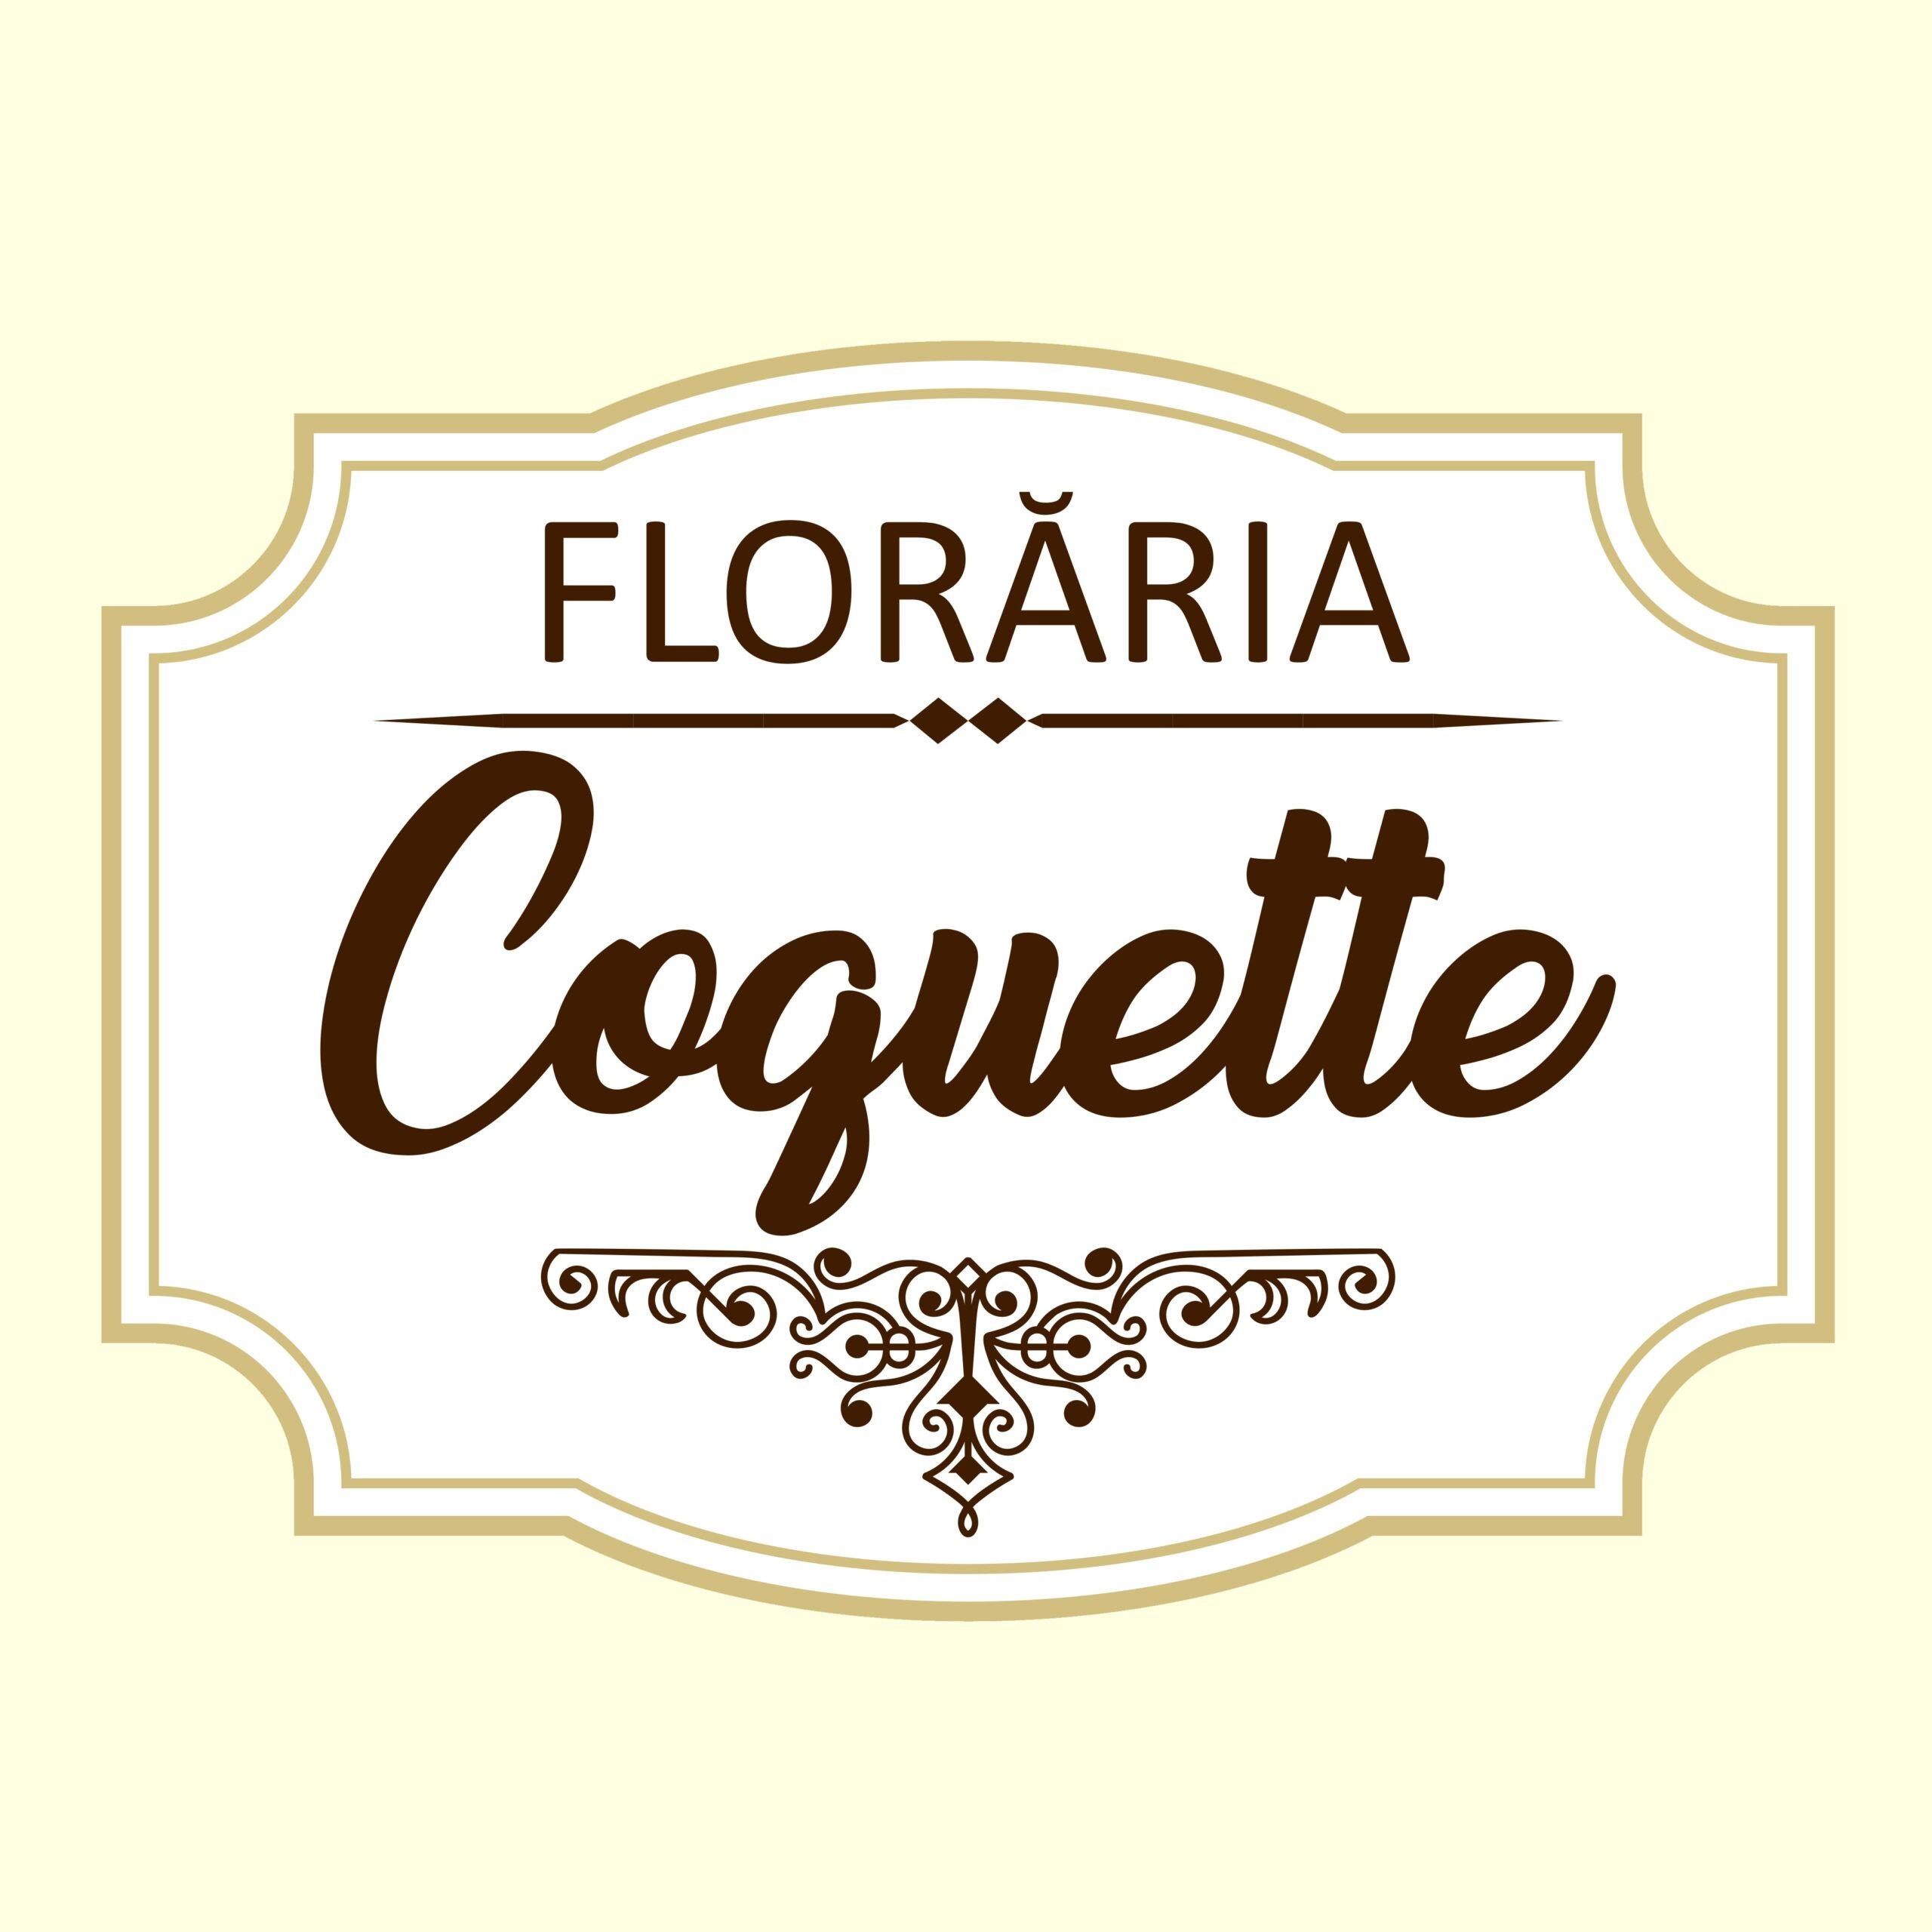 floraria coquette